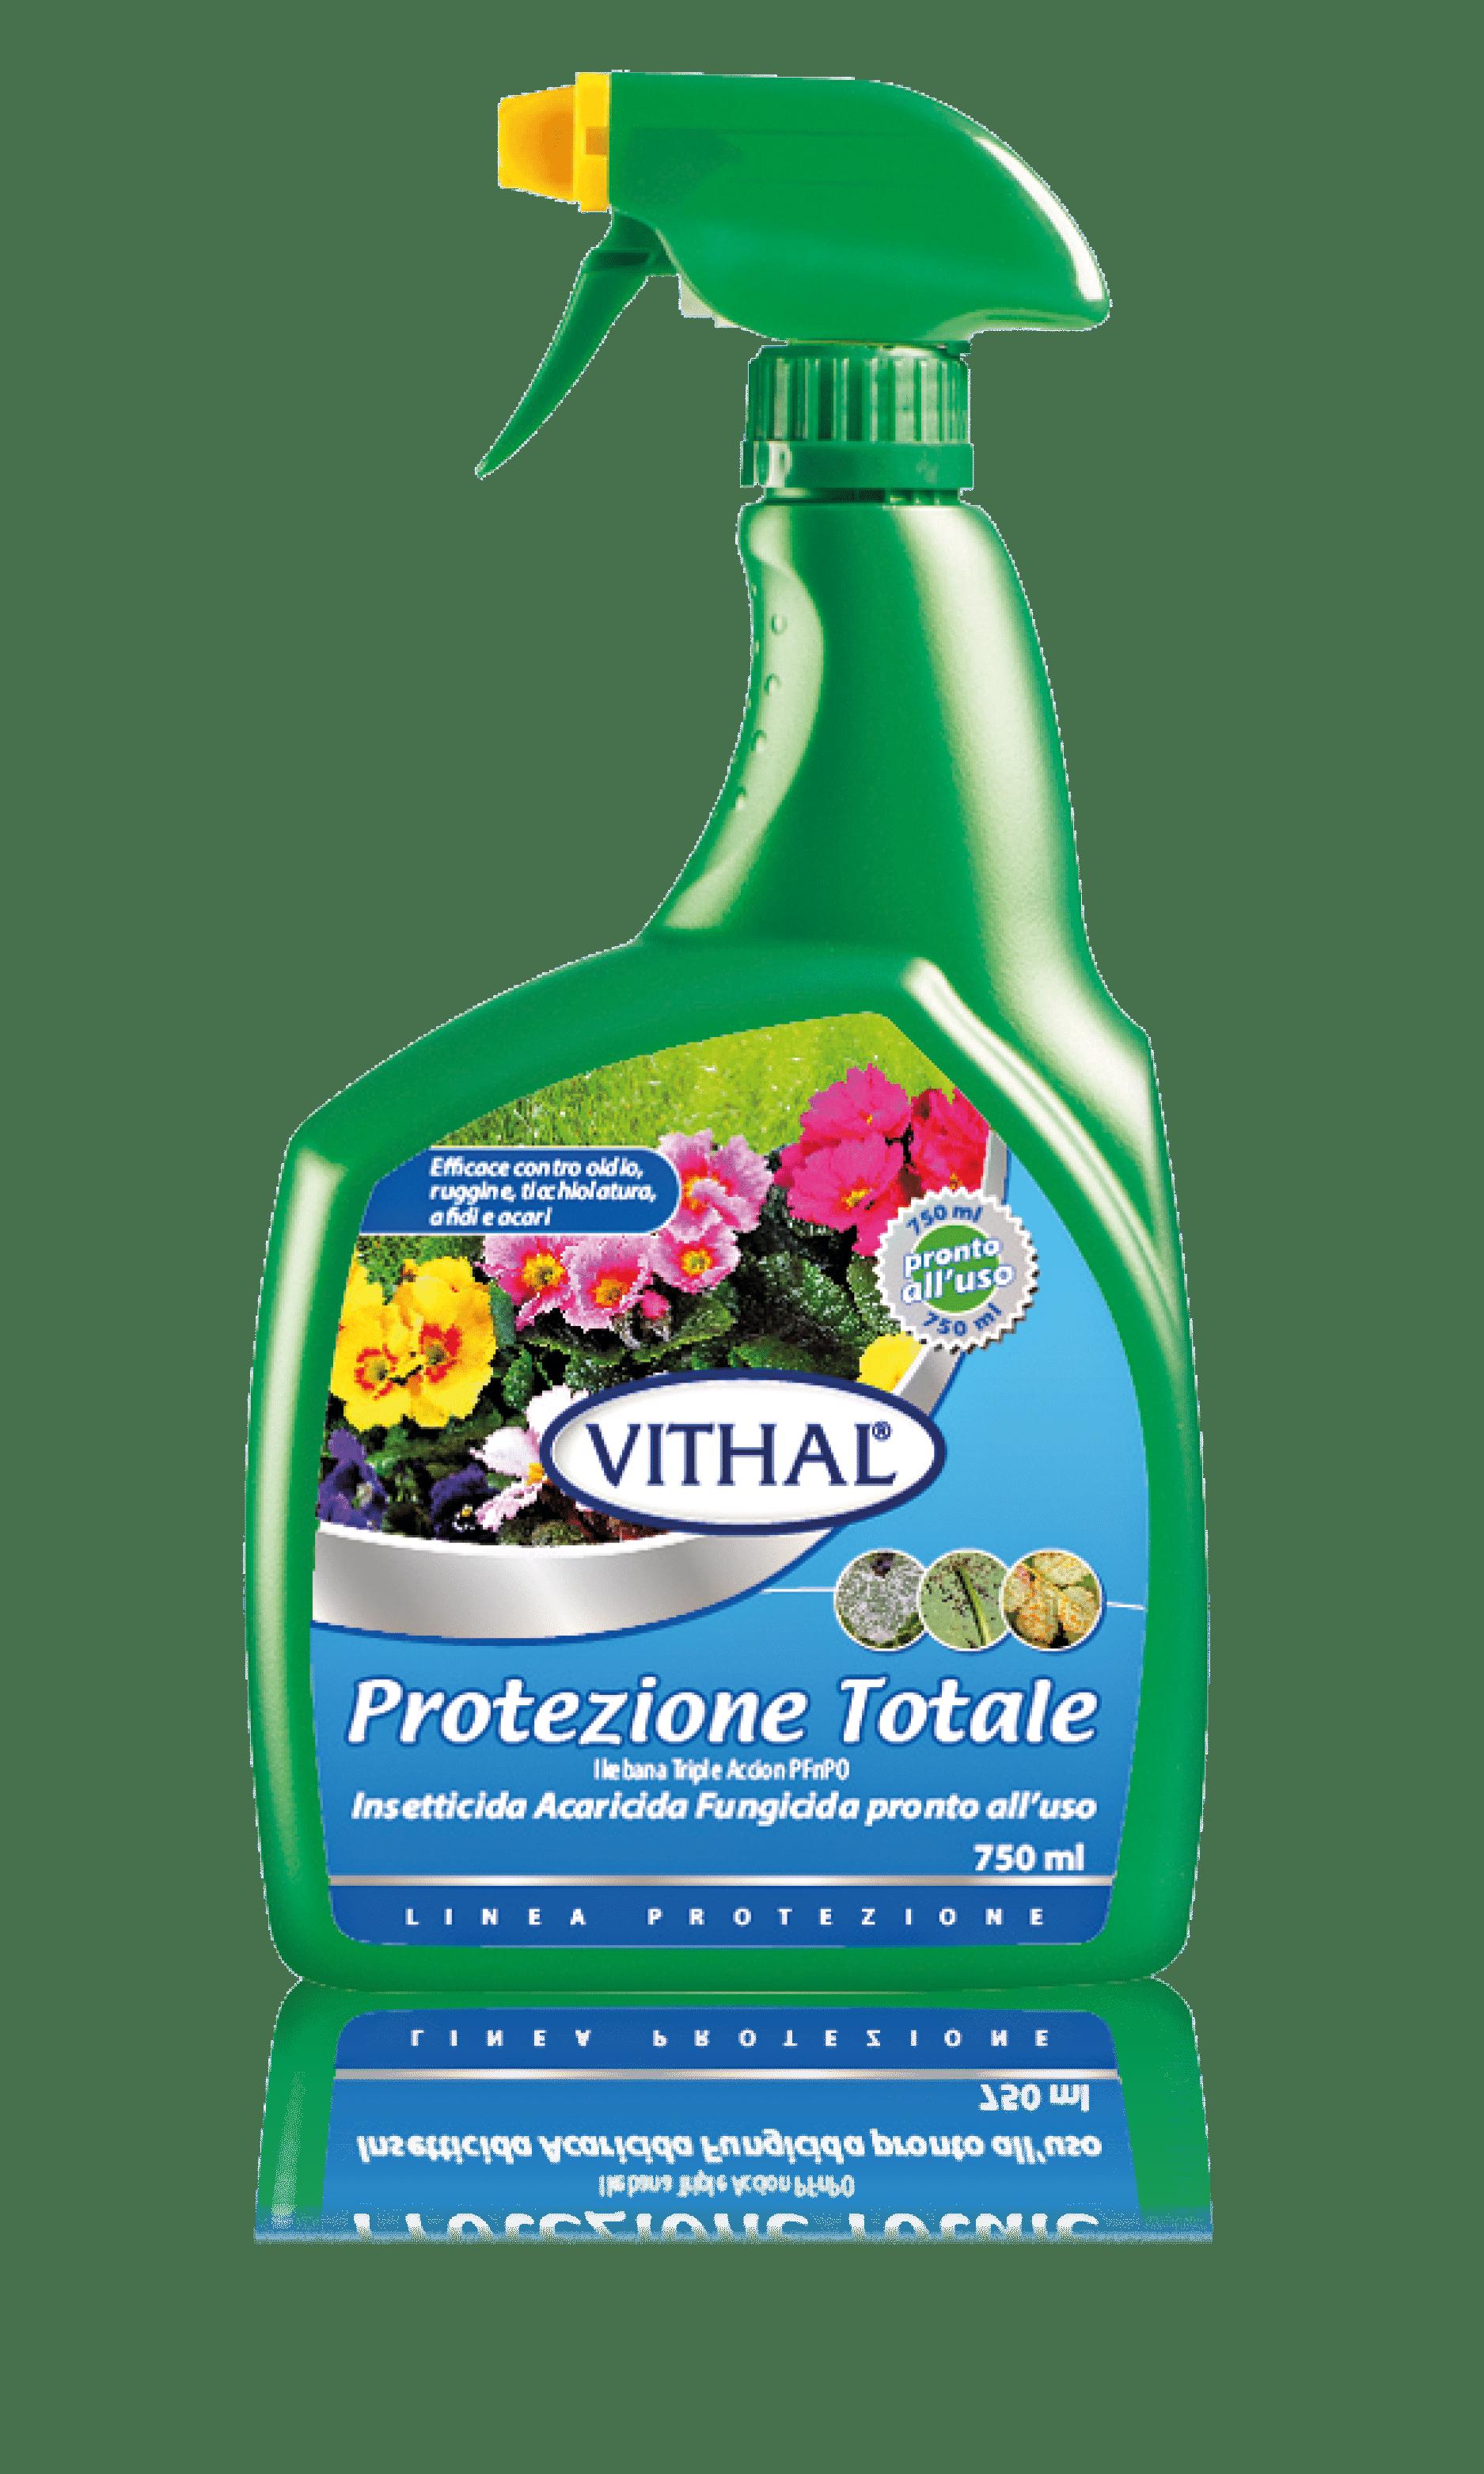 PO001_protezionetotale